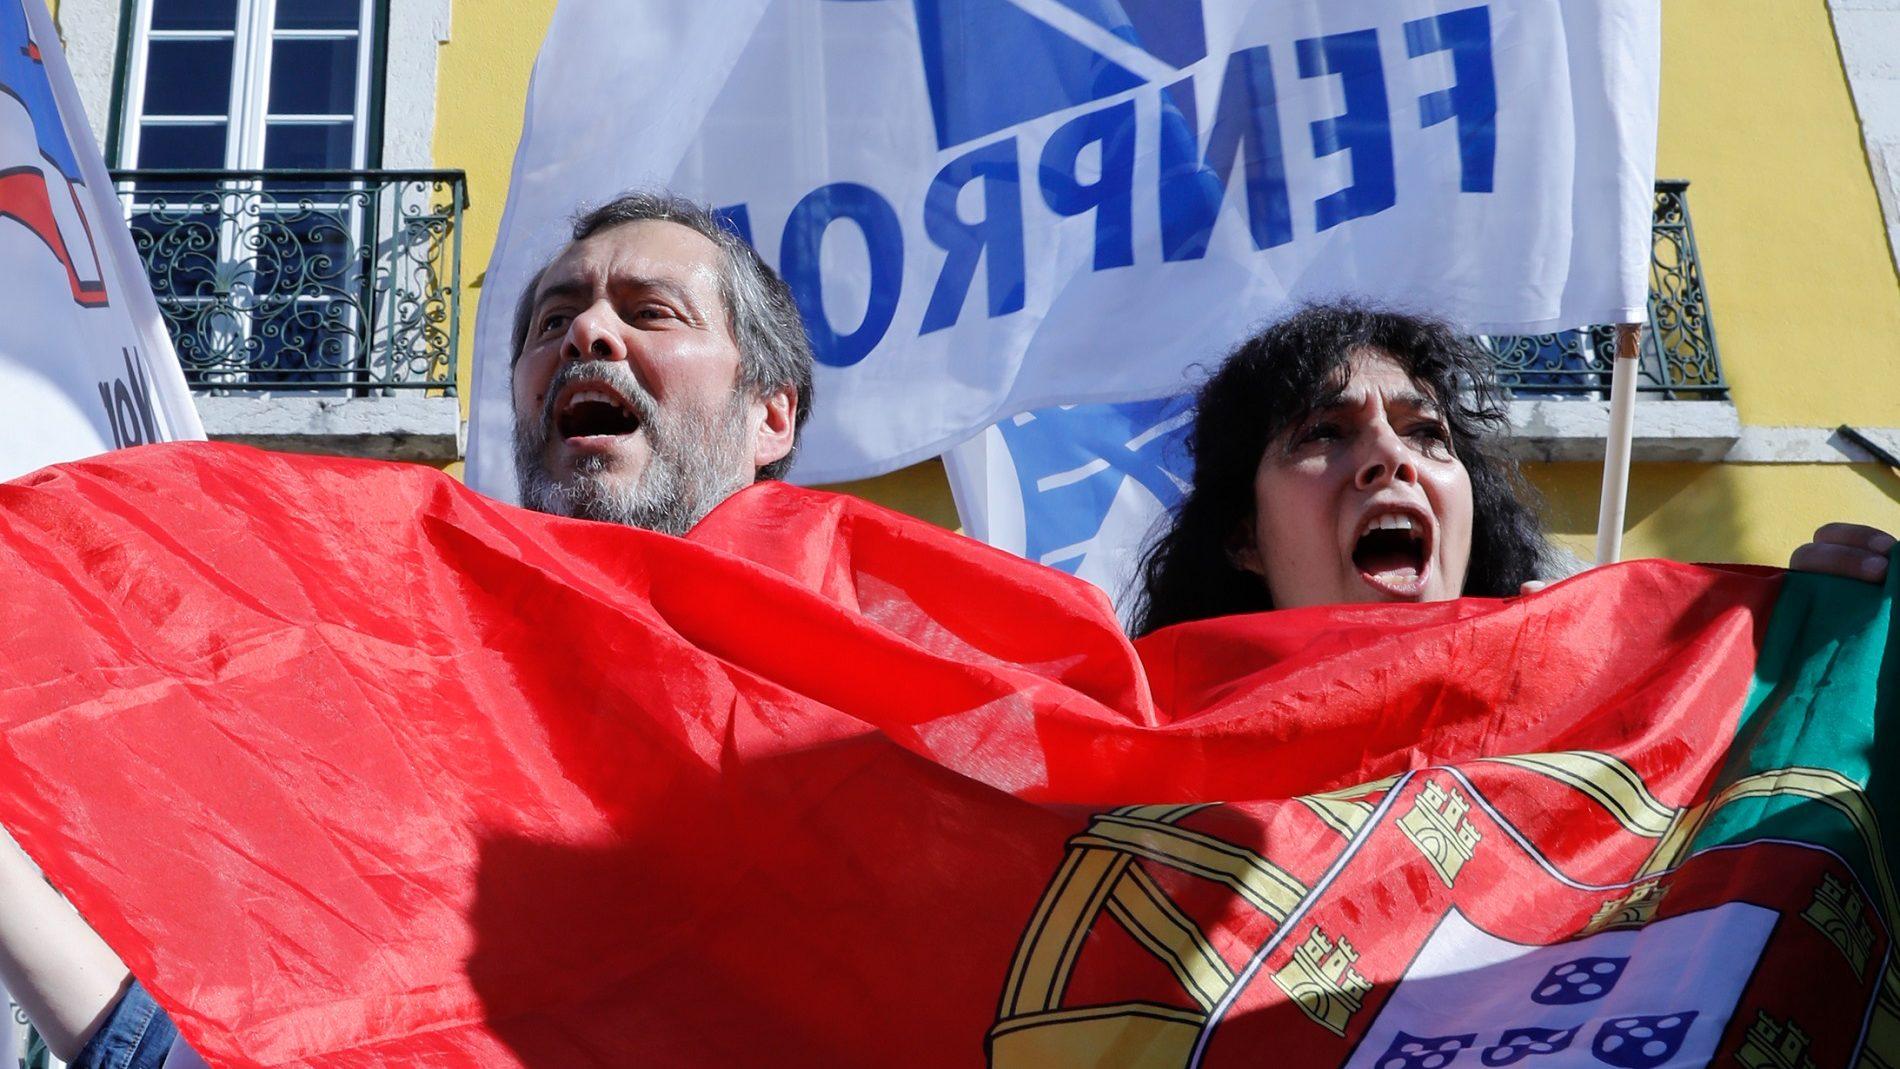 Arranca a greve dos professores em dia de exame nacional